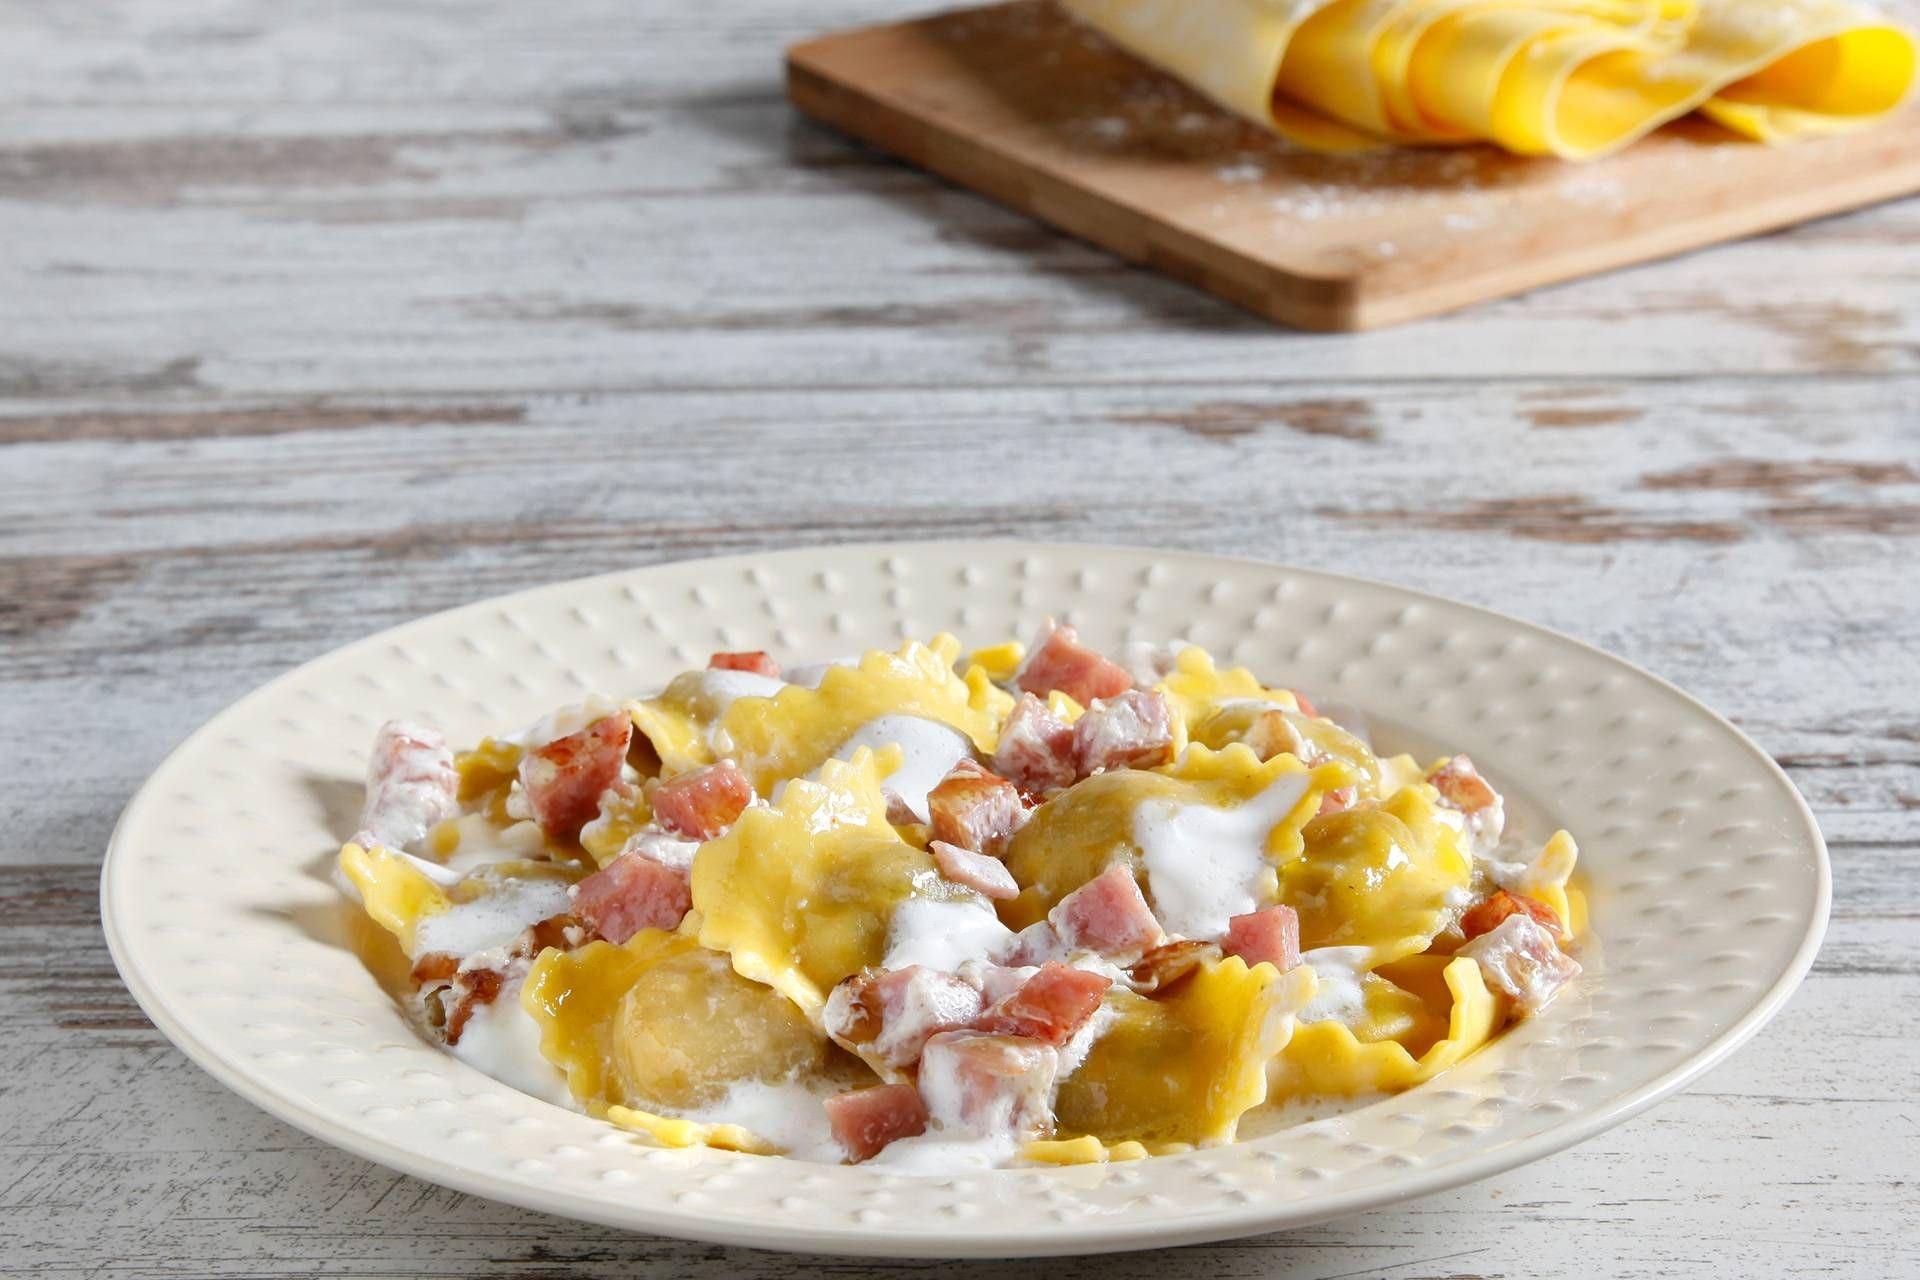 Ravioli prosciutto cotto e panna - Parmalat